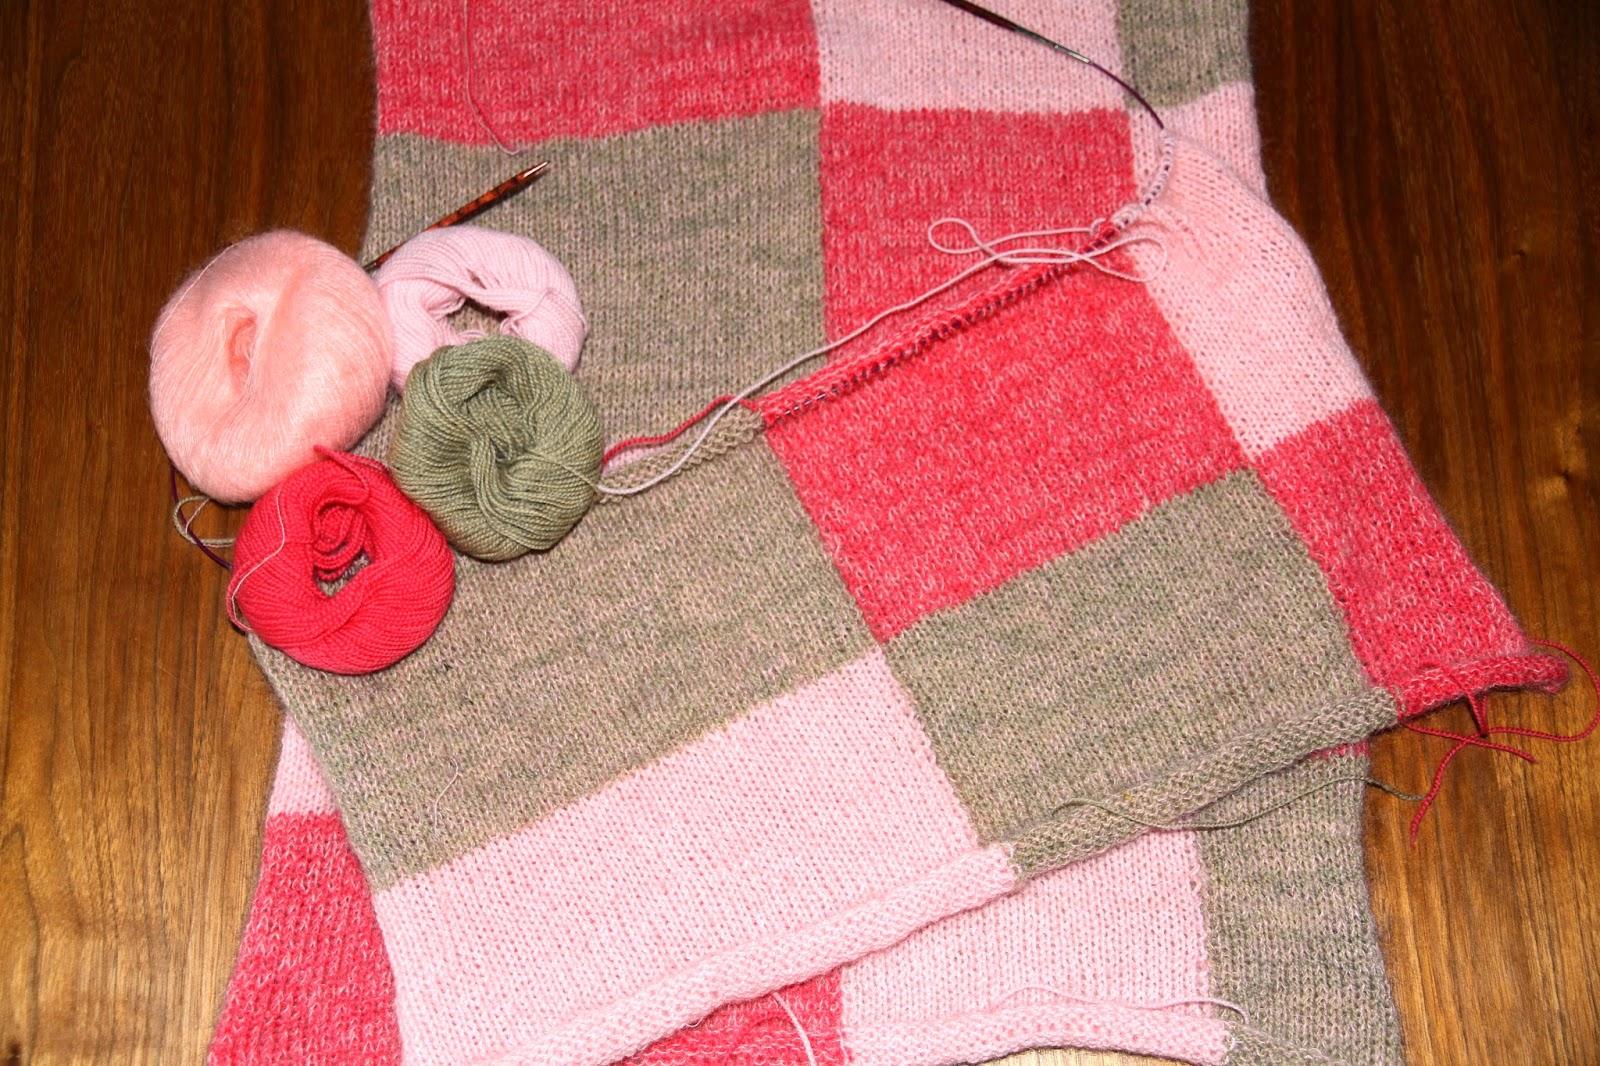 Sweater i gobelinstrik, Charlotte Kaae design for BC garn